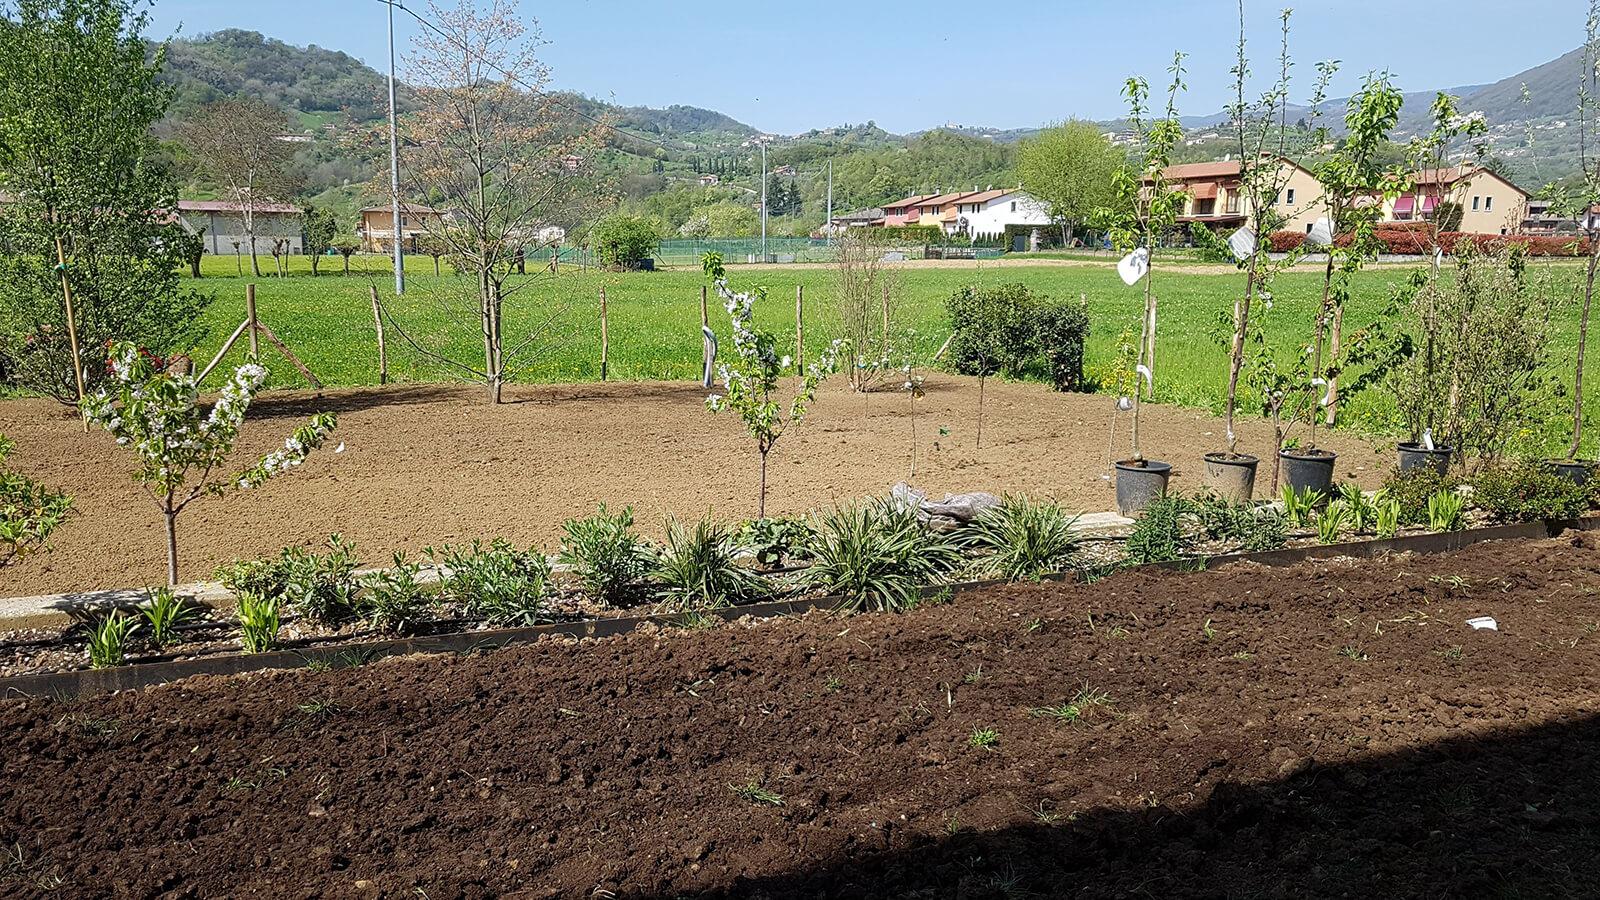 progettazione realizzazione giardini marostica - verde blu giardini 5